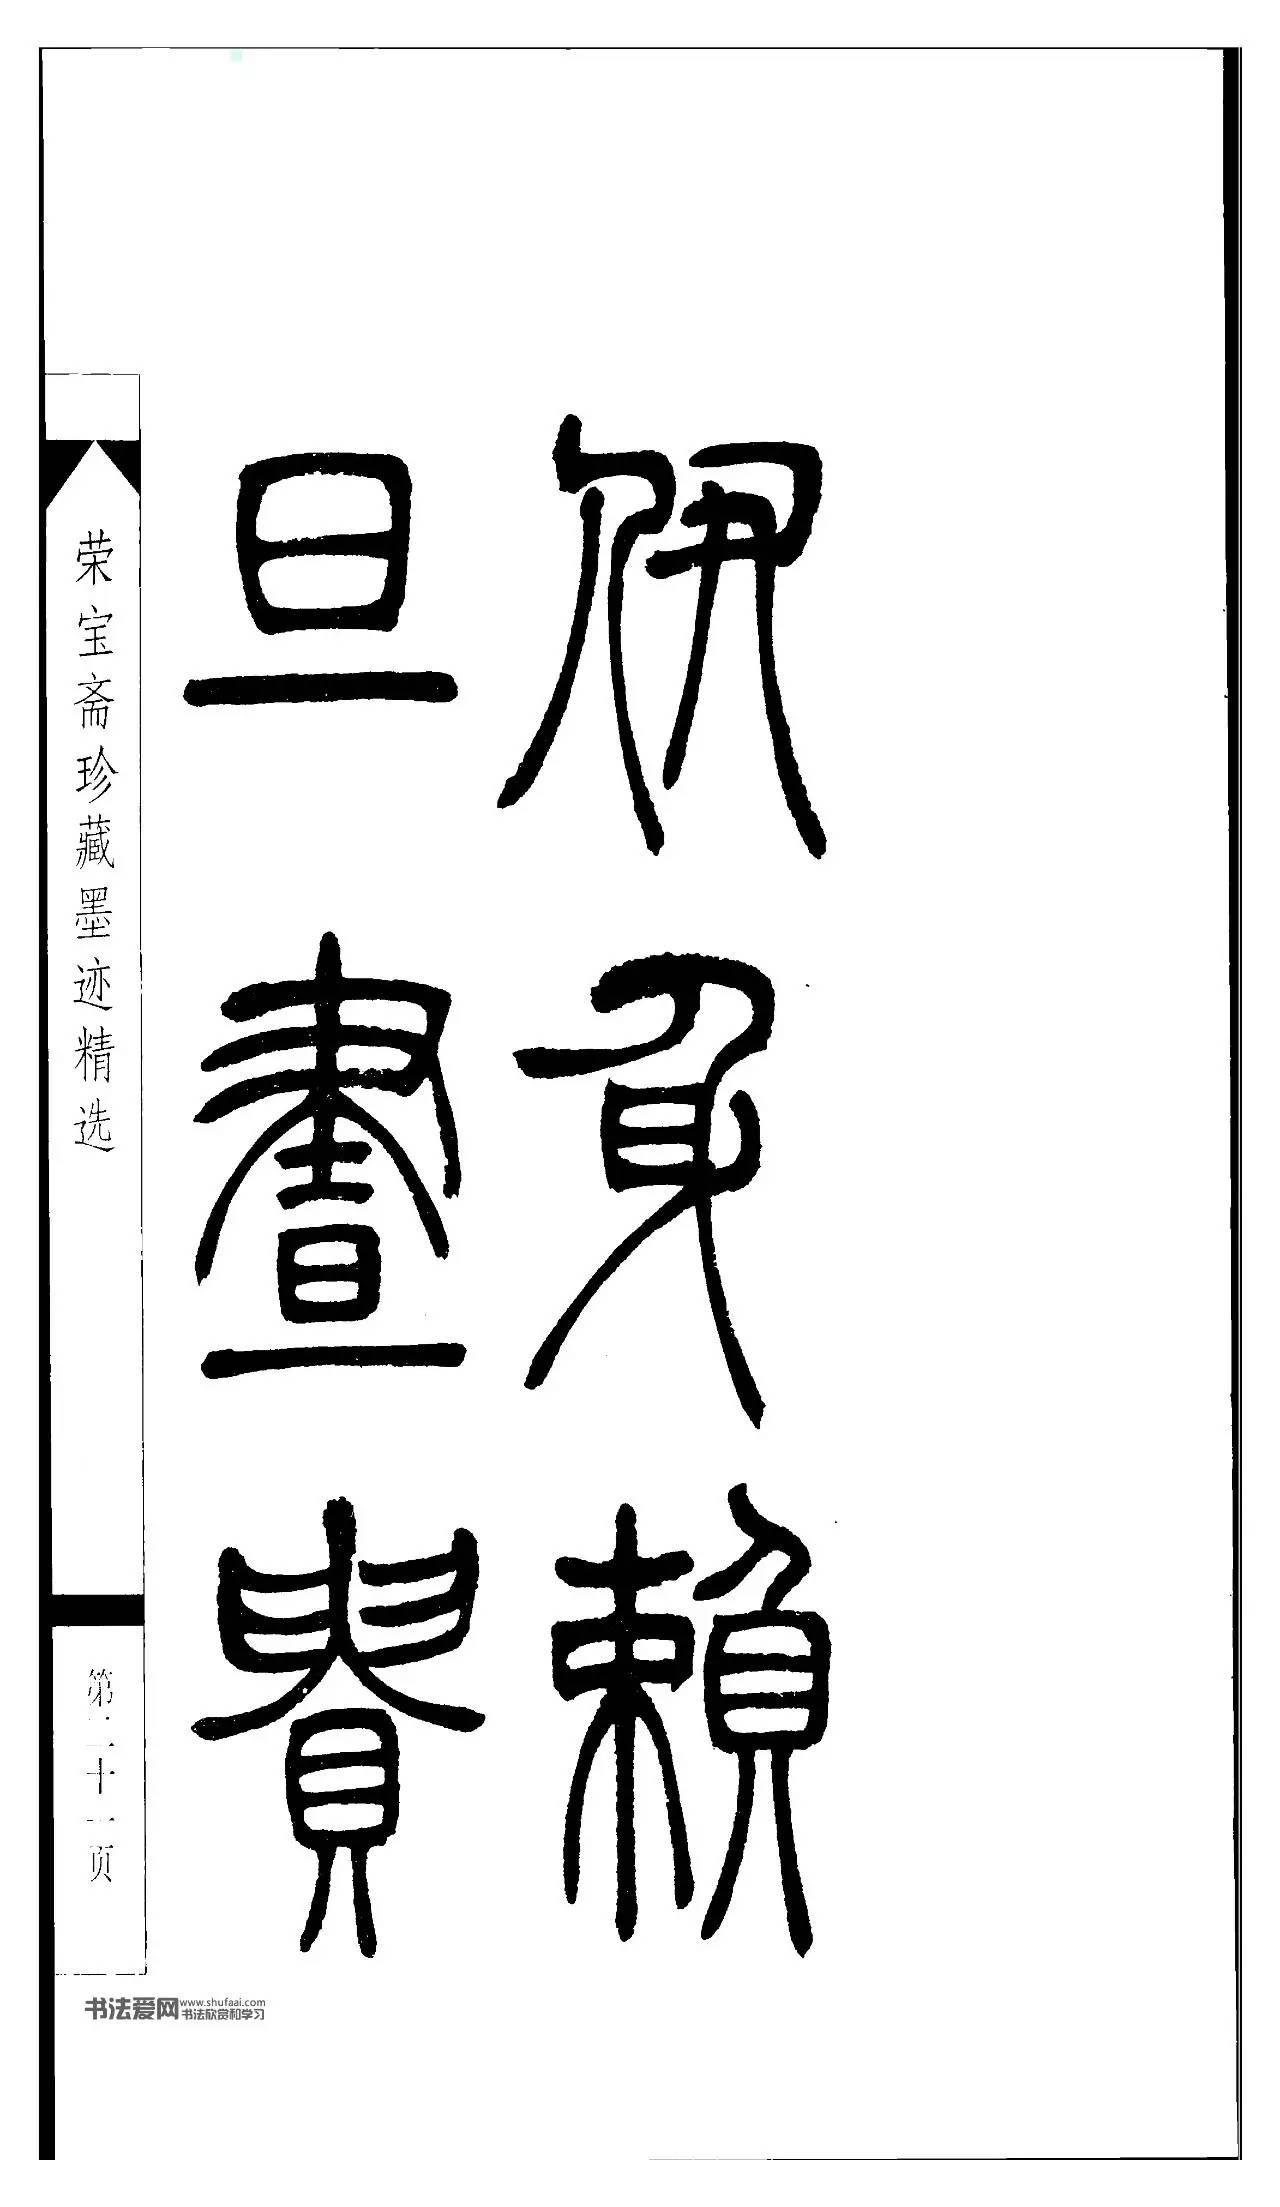 吴让之篆书字帖图片